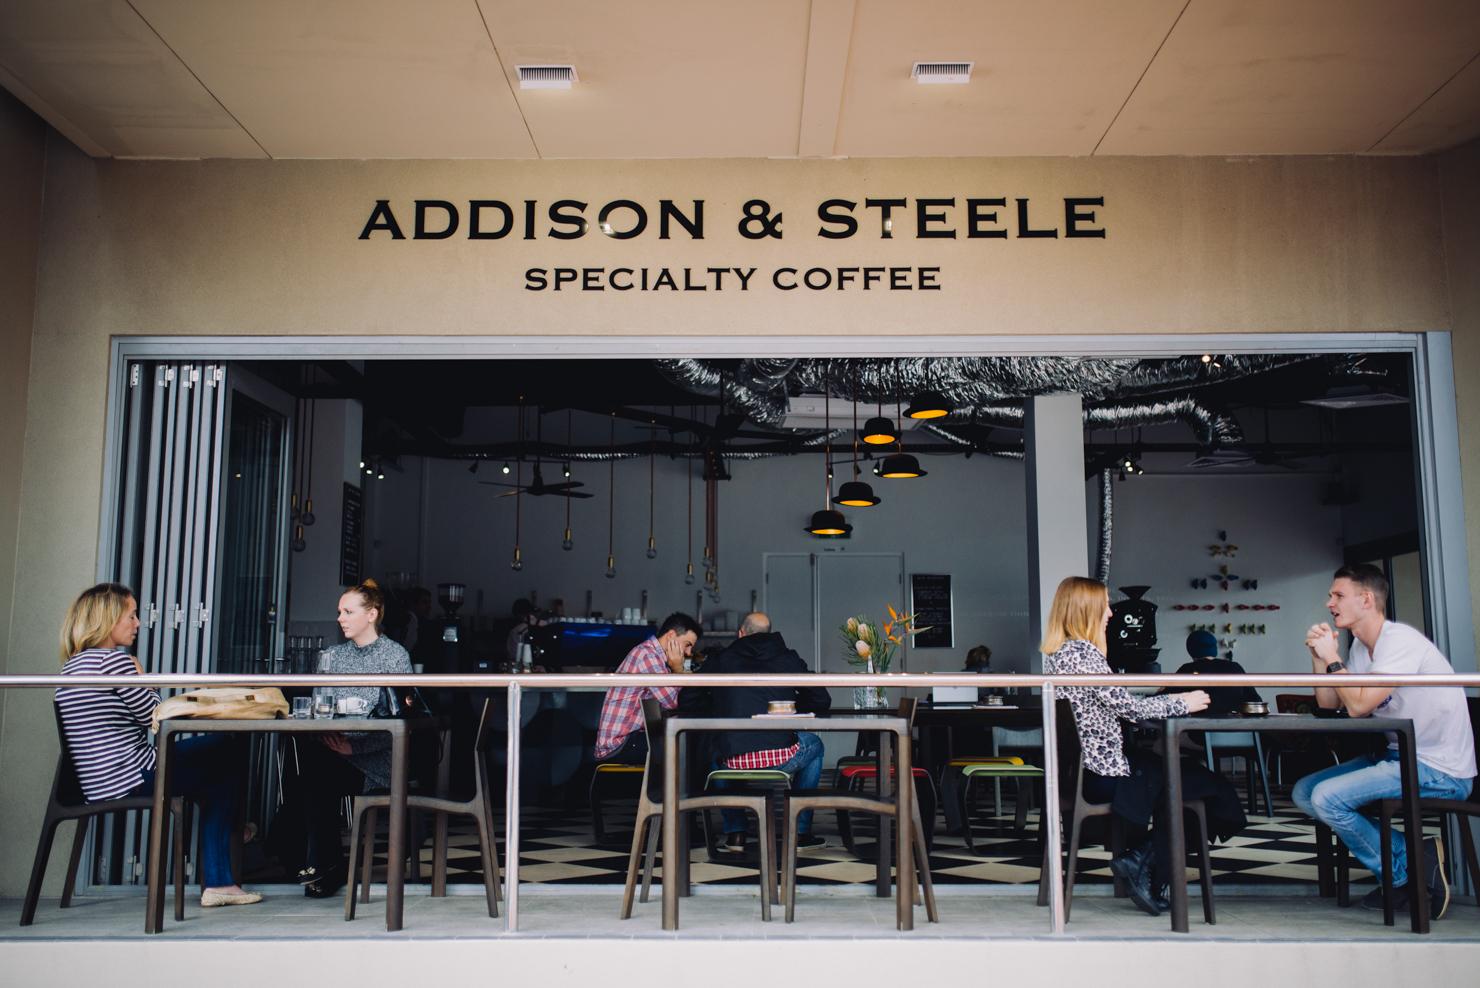 Addison & Steele in Perth, Australia